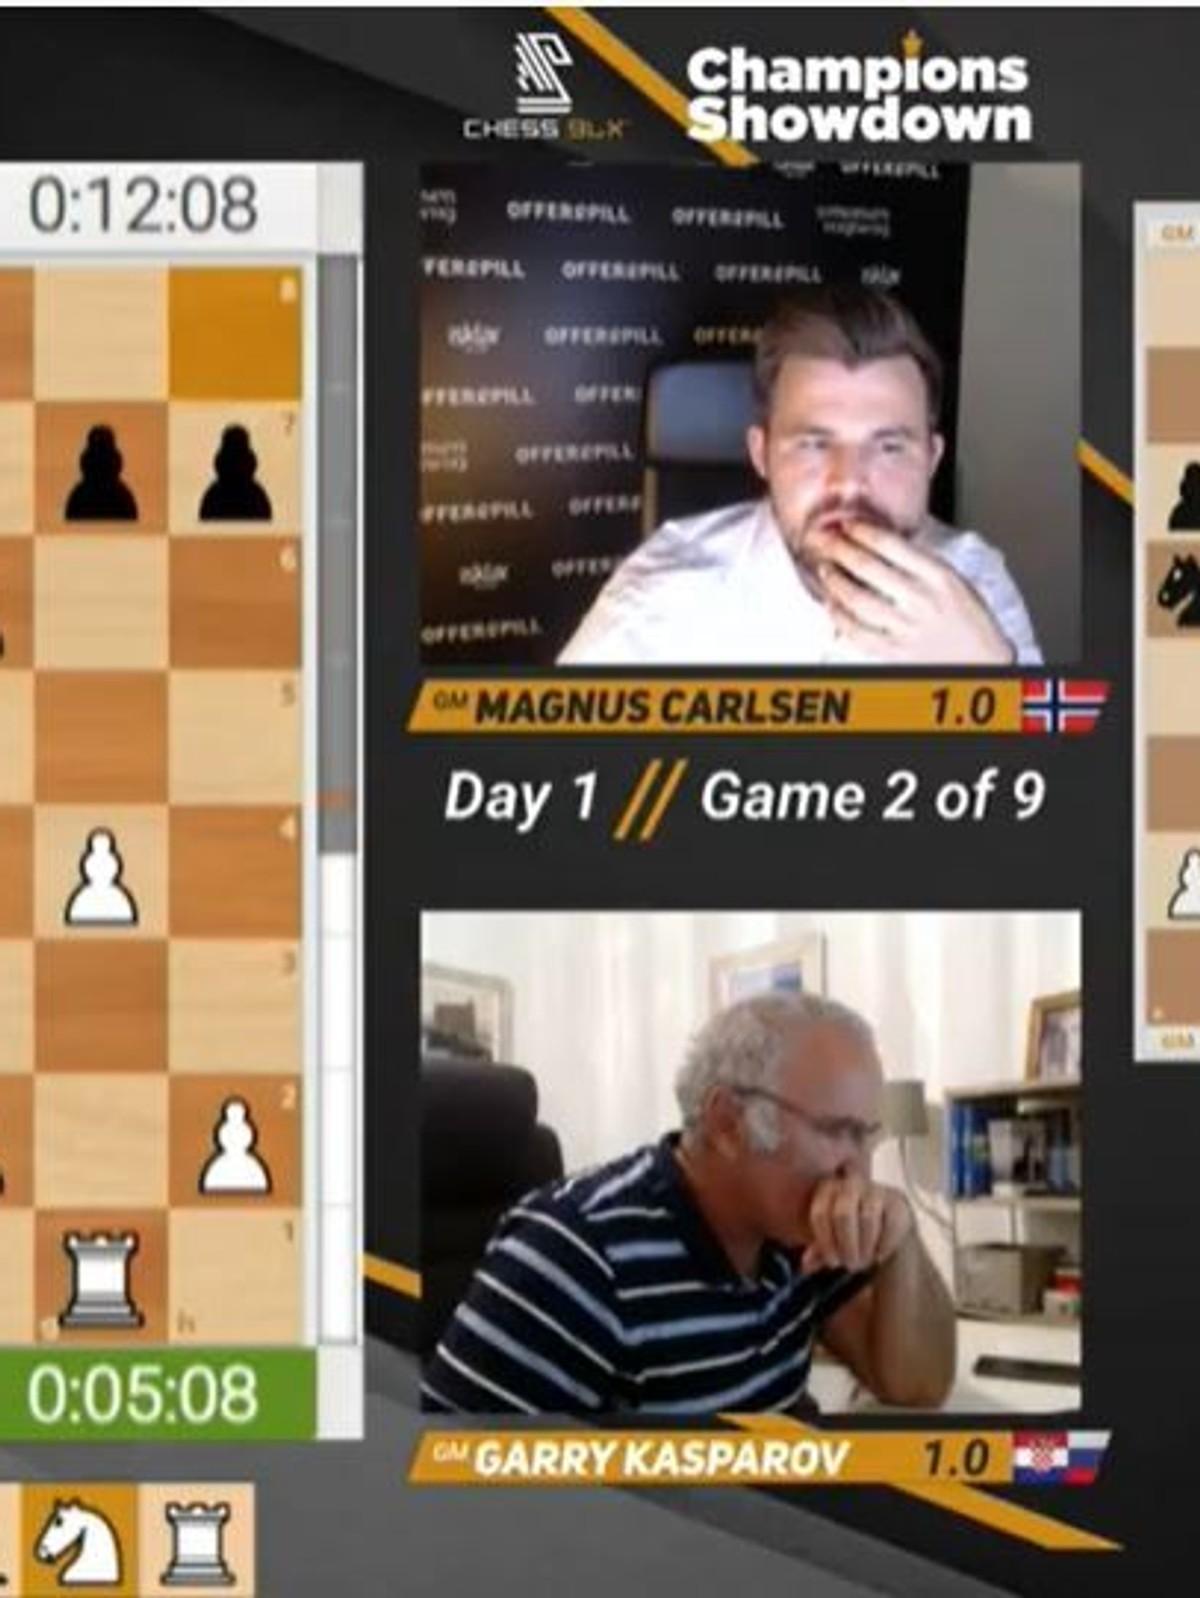 Remis I Gigantoppgjeret Mellom Carlsen Og Kasparov Nrk Sport Sportsnyheter Resultater Og Sendeplan